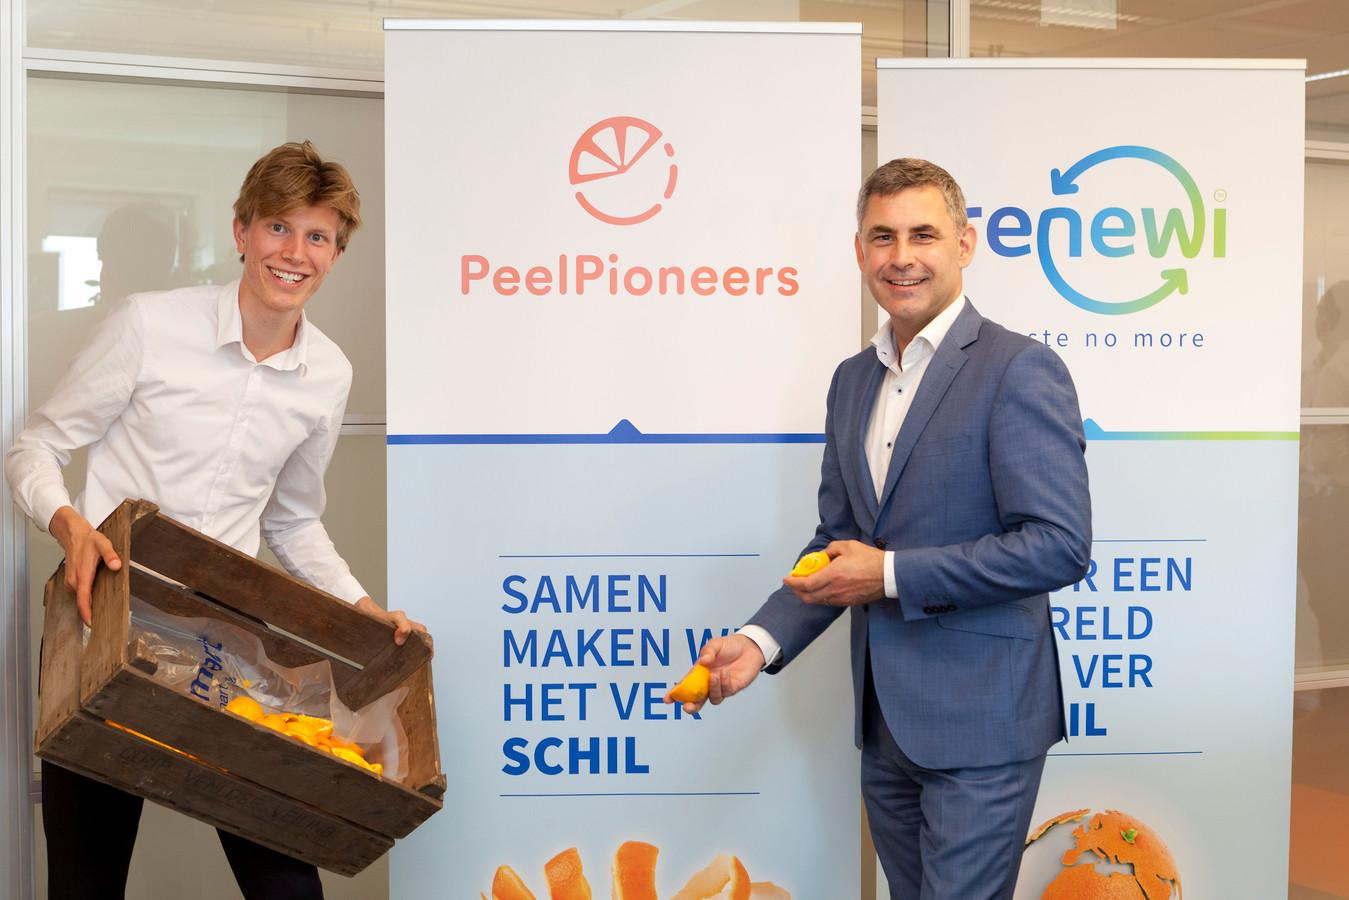 Sytze van Stempvoort (links) van PeelPioneers en Eric Segers van Renewi gaan aan de slag met het winnen van grondstoffen uit citrusschillen.